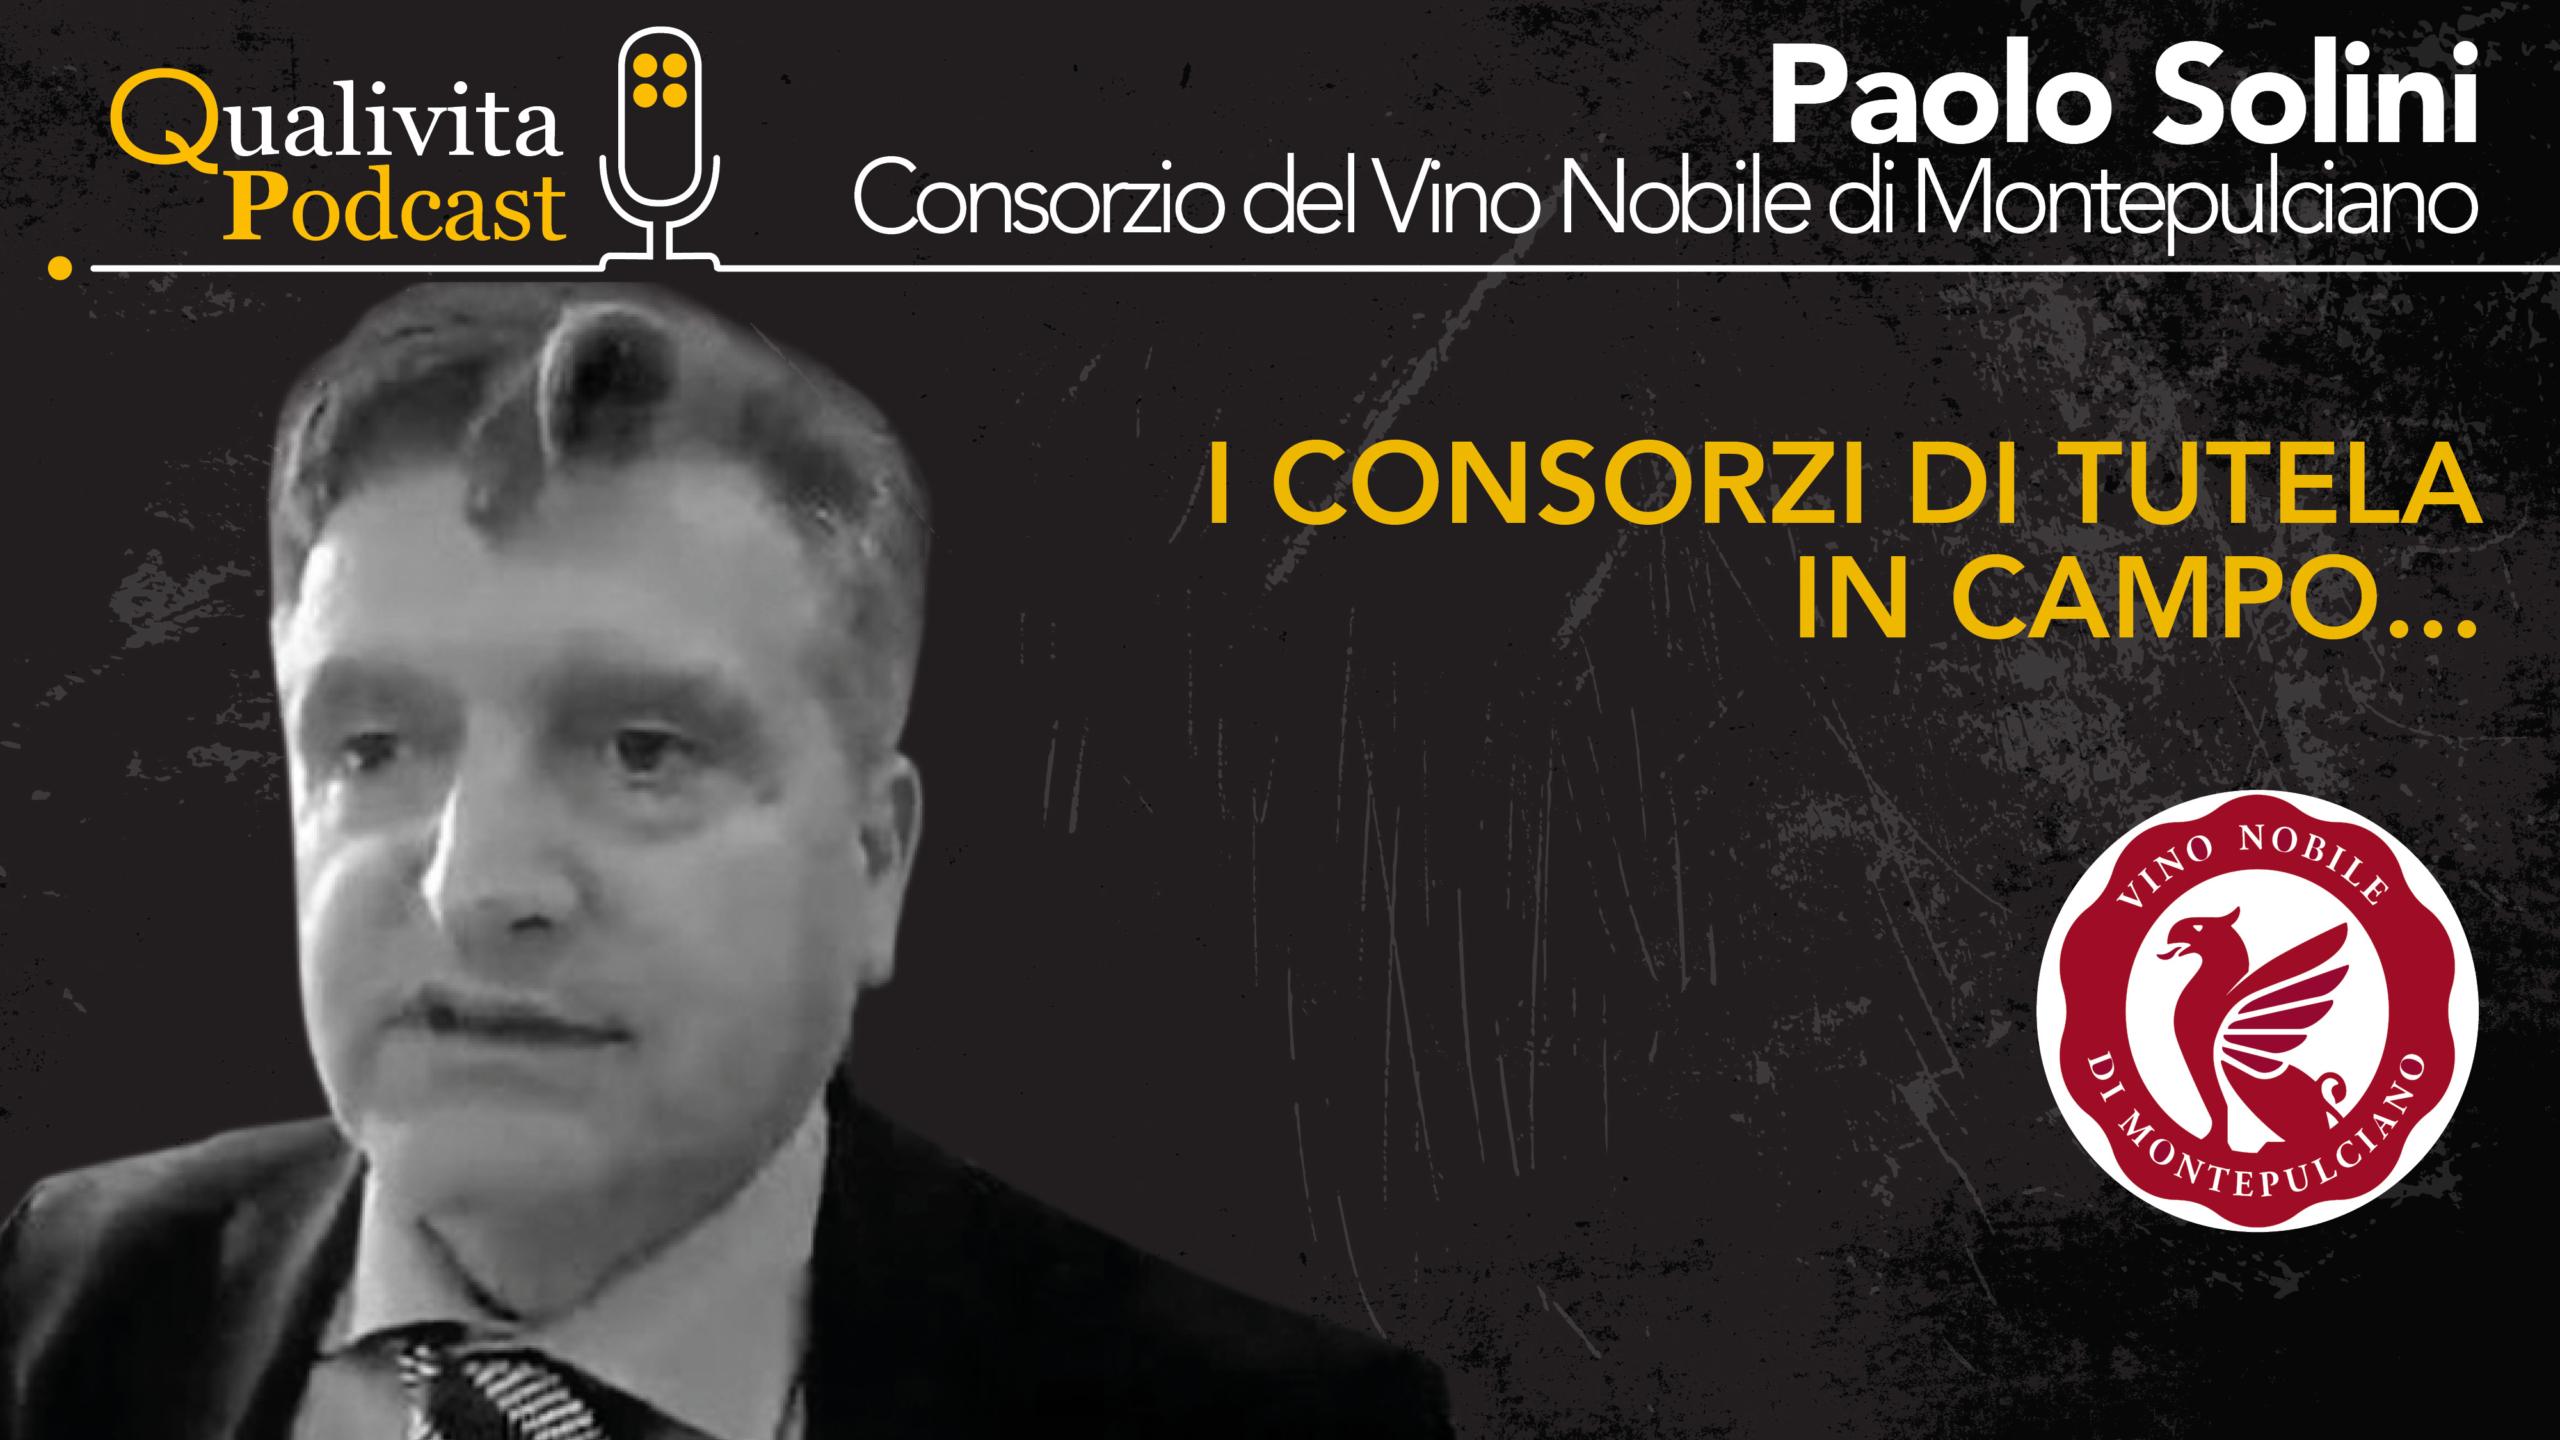 Paolo Solini, Consorzio Vino Nobile di Montepulciano